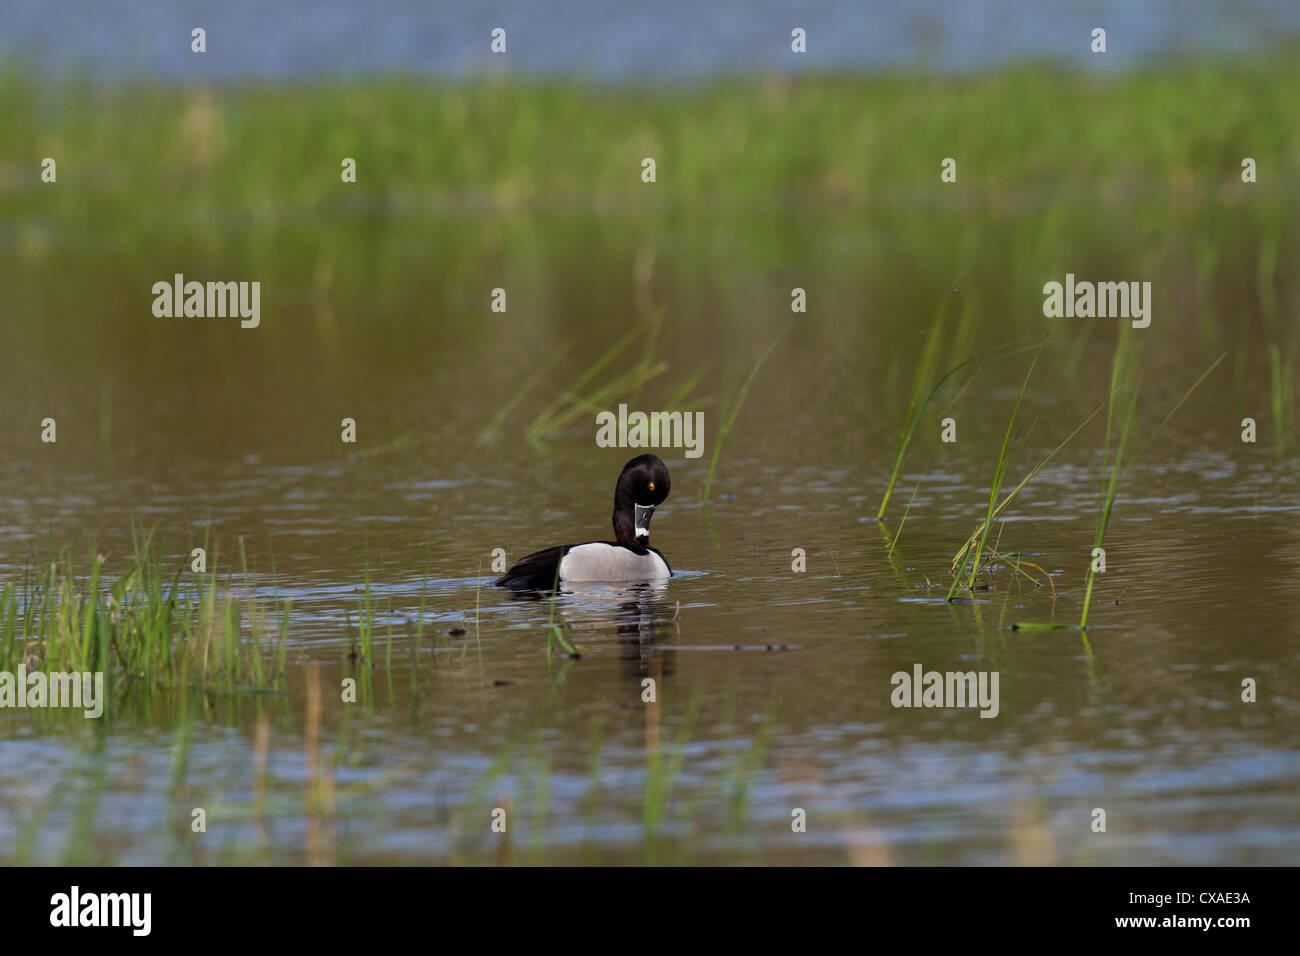 Preen Spring Stock Photos & Preen Spring Stock Images - Alamy